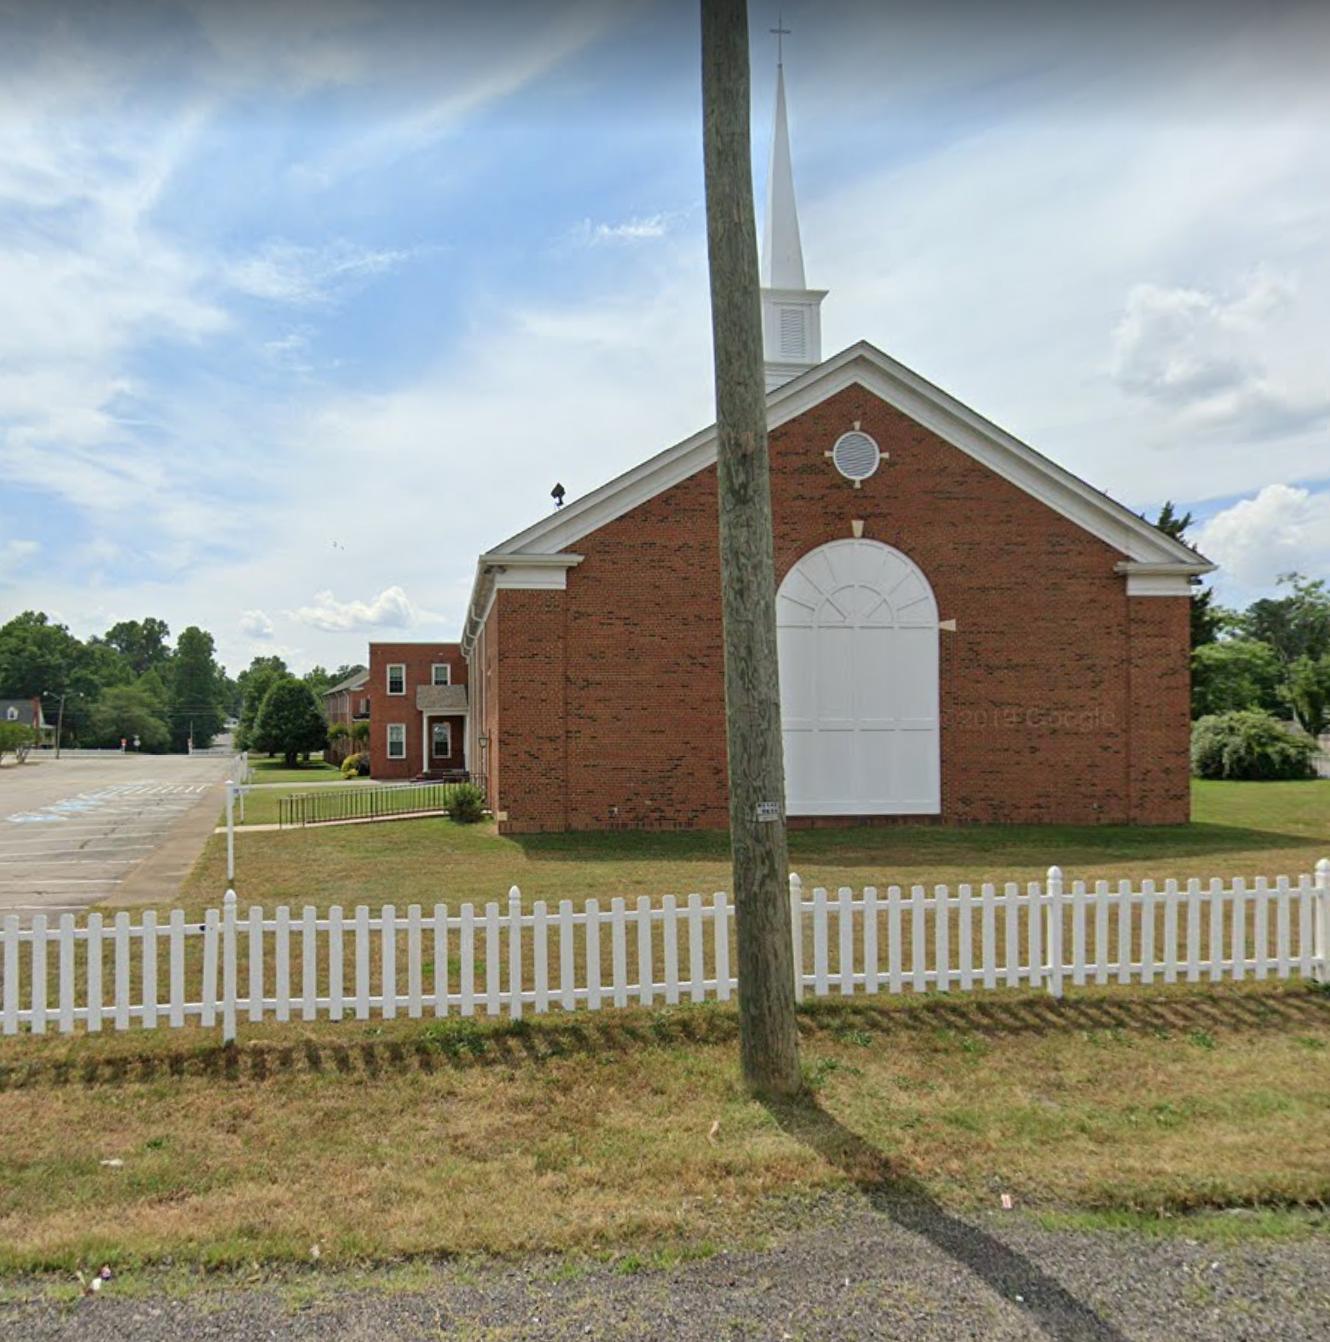 Kingsland family life center